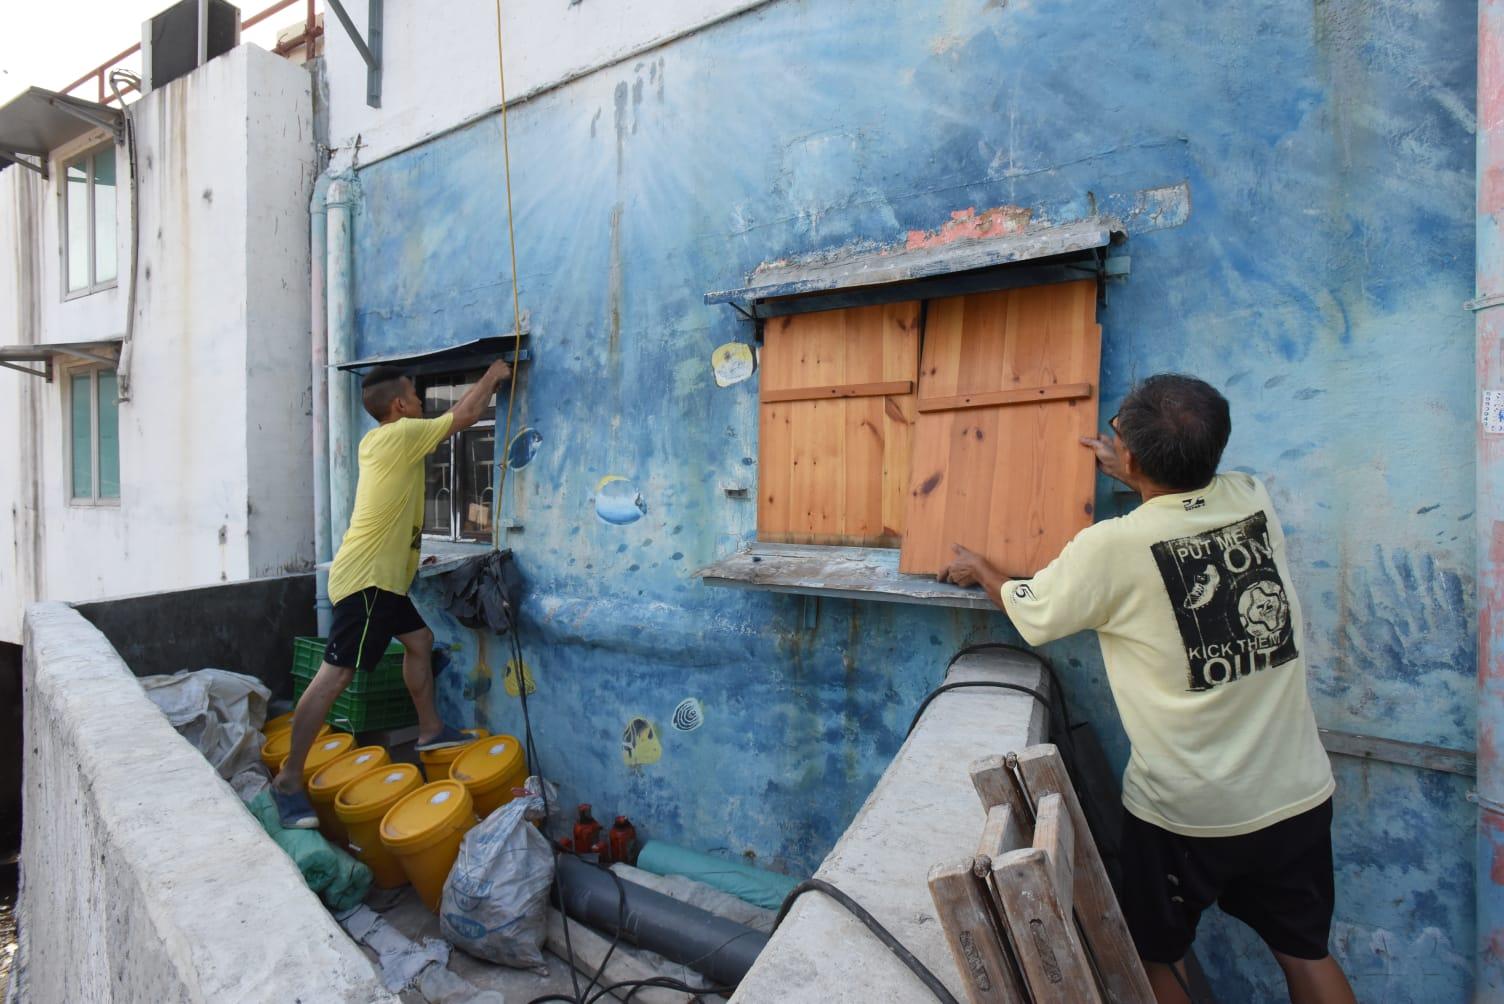 馬環村村民周先生在窗戶封上木板,預防「山竹」吹襲。徐裕民攝